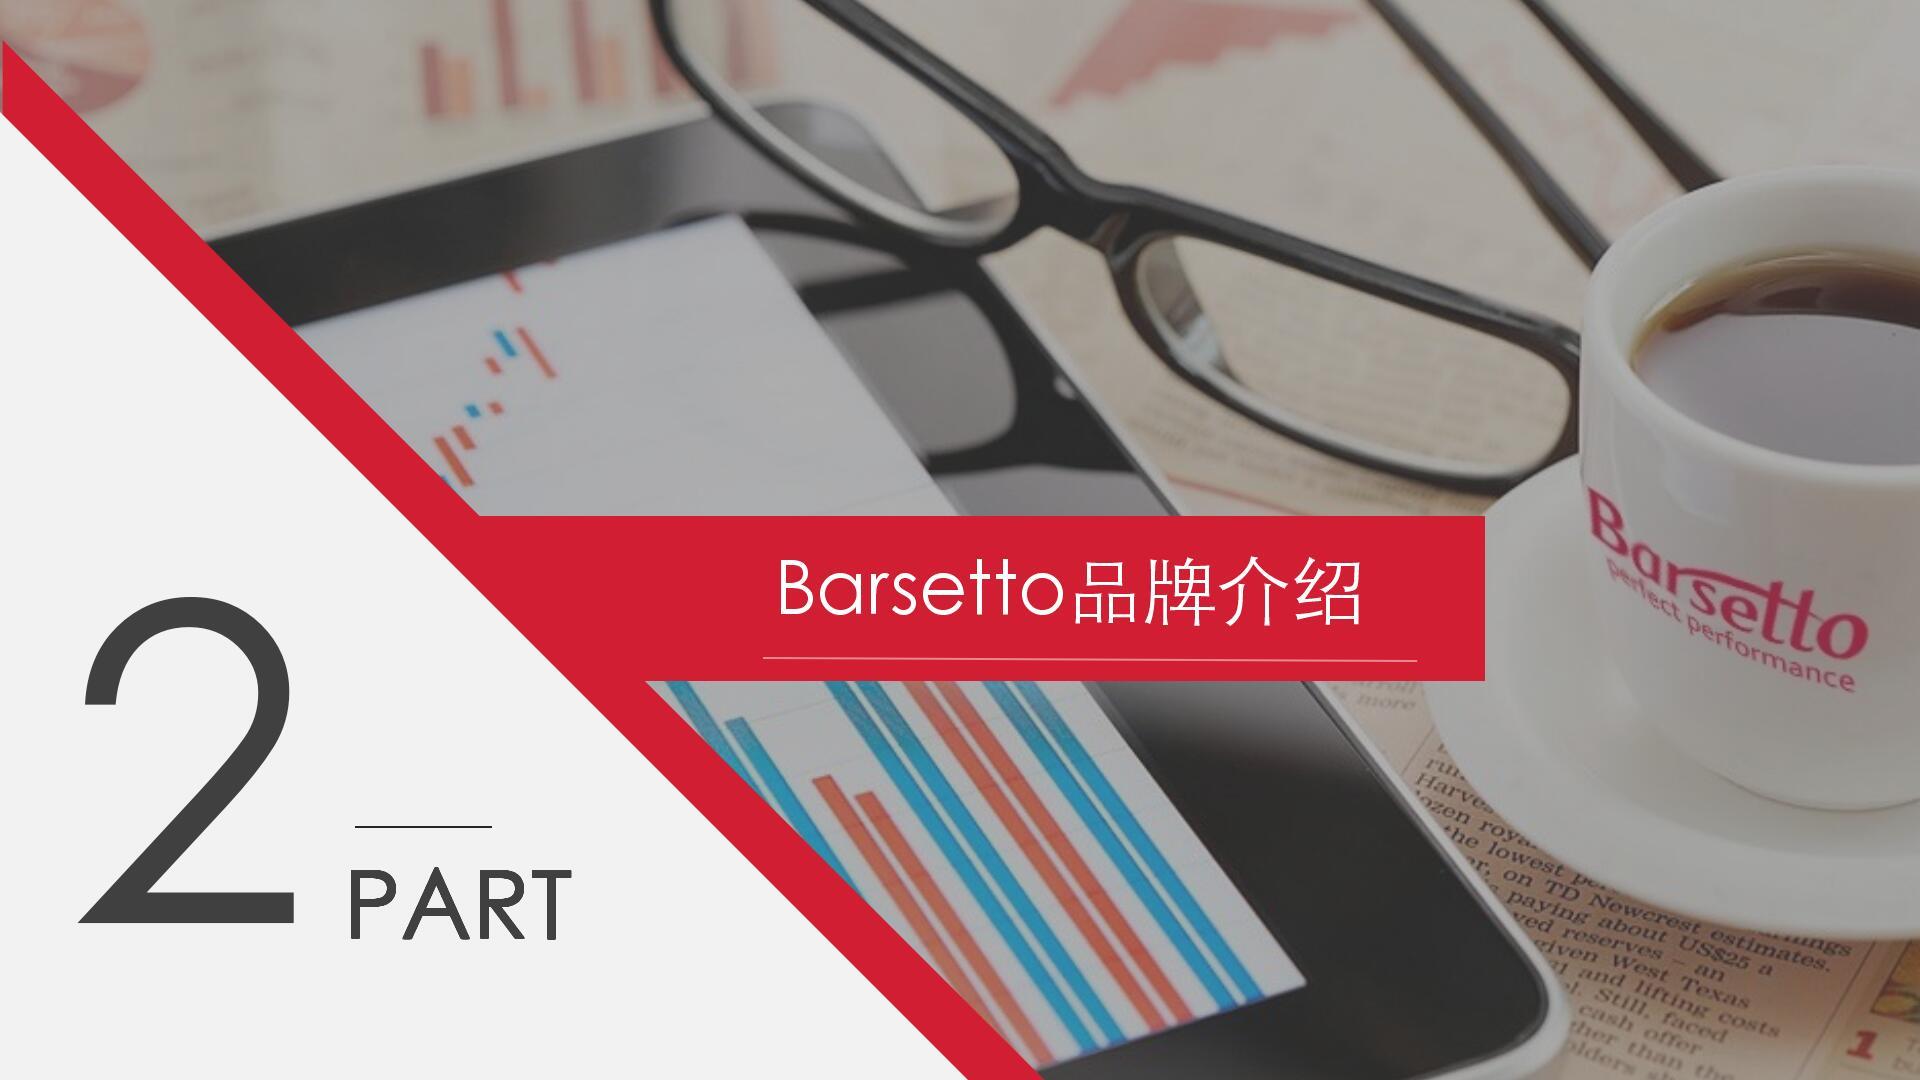 Barsetto 咖啡机方案 (6)